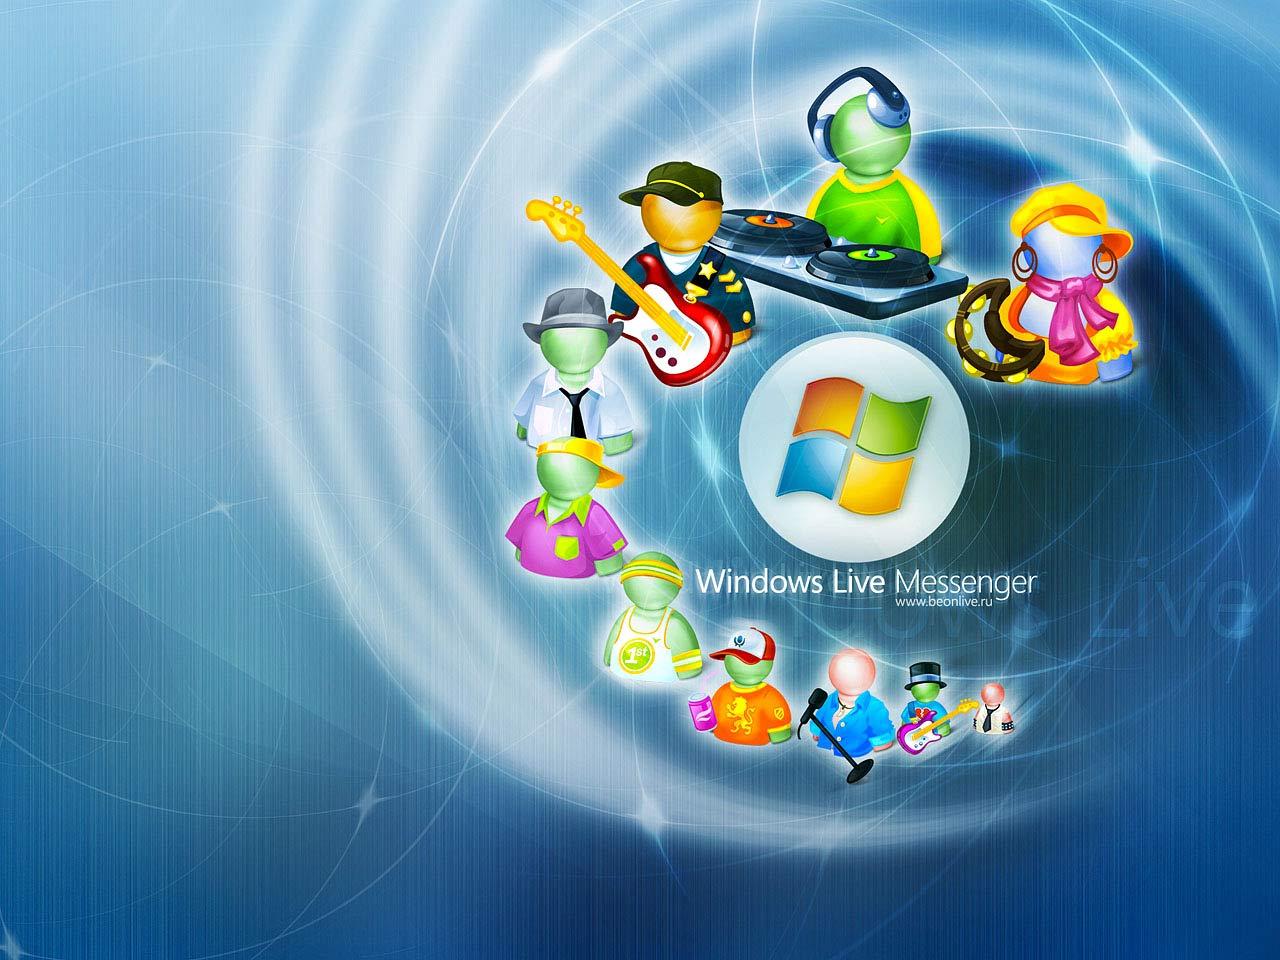 http://2.bp.blogspot.com/_4BbgNykKg1Q/TL1otsNsOnI/AAAAAAAABZA/0J_rJALurp0/s1600/Wallpapers_Windows_Messenger.jpg